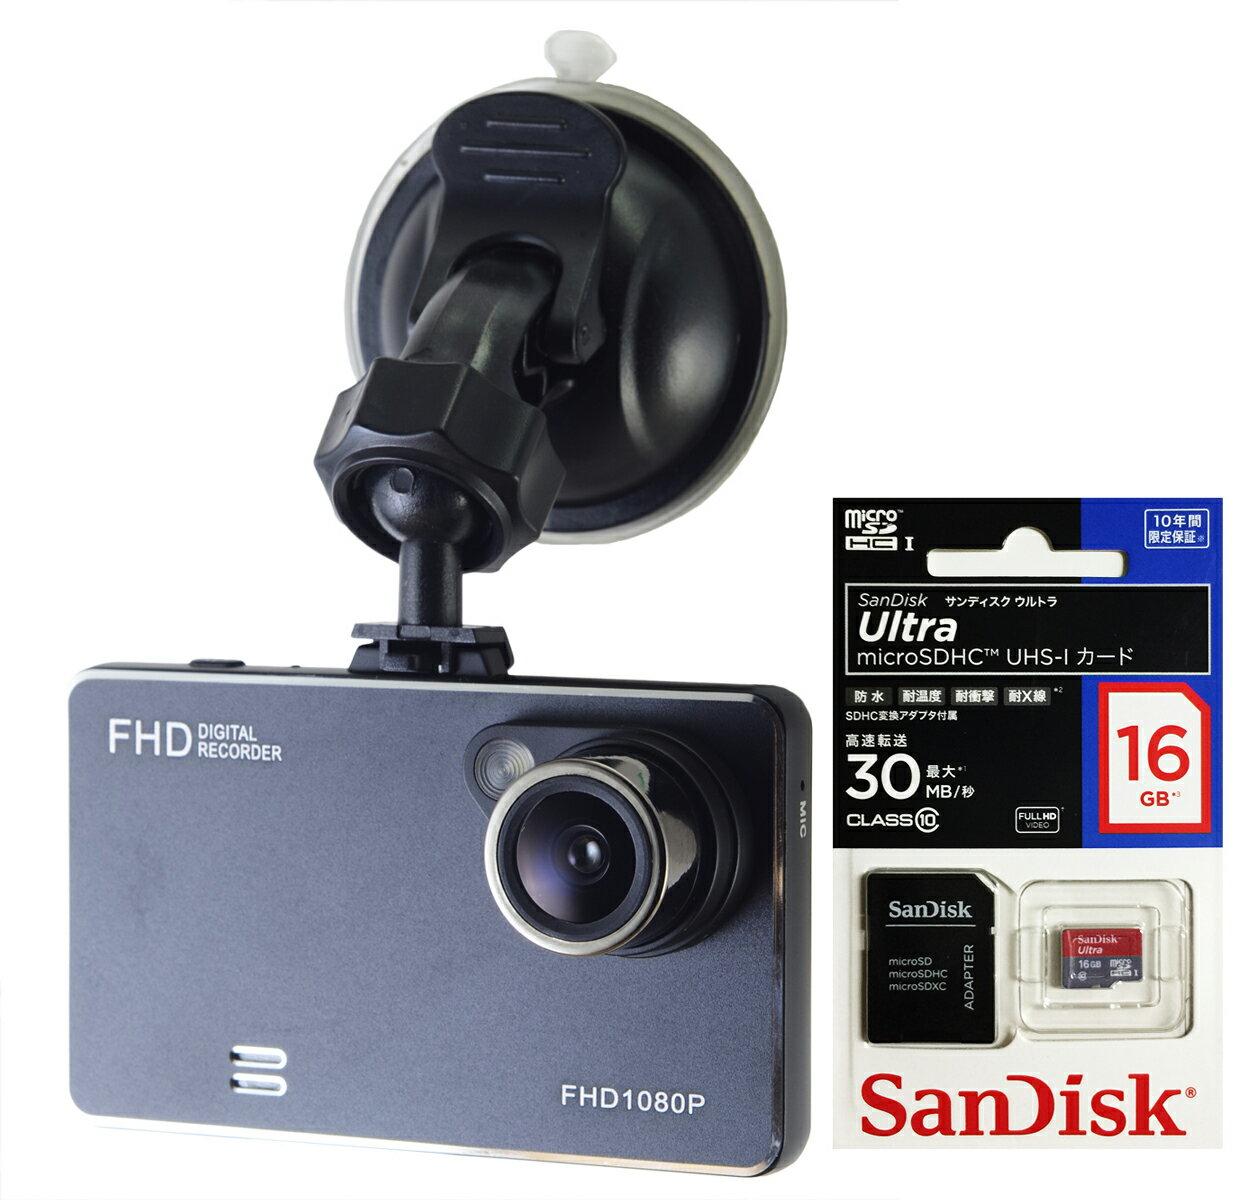 【ポイント3倍】microSDカード付き16GB ドライブレコーダー 薄型 FULL HD Gセンサー搭載 常時録画 車載カメラ 1080P フルHD 高画質 エンジン連動 エンドレス録画 動画 静止画 動体感知 撮影 車録画 SDカード録画 ドラレコ カメラ カーカメラ 送料無料 DRLMSU16X